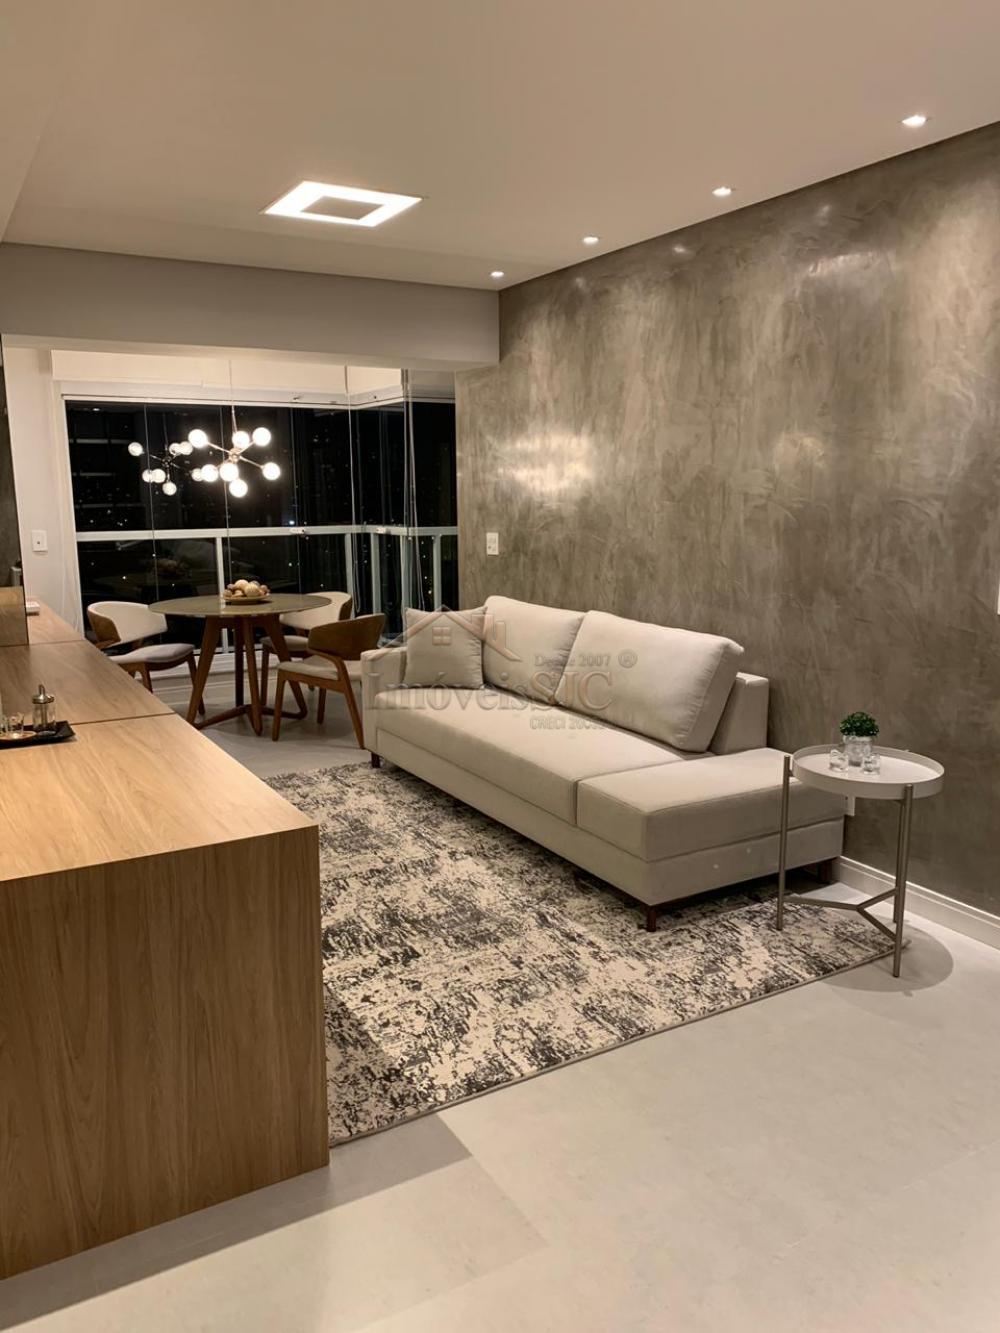 Alugar Apartamentos / Flat em São José dos Campos apenas R$ 2.800,00 - Foto 8